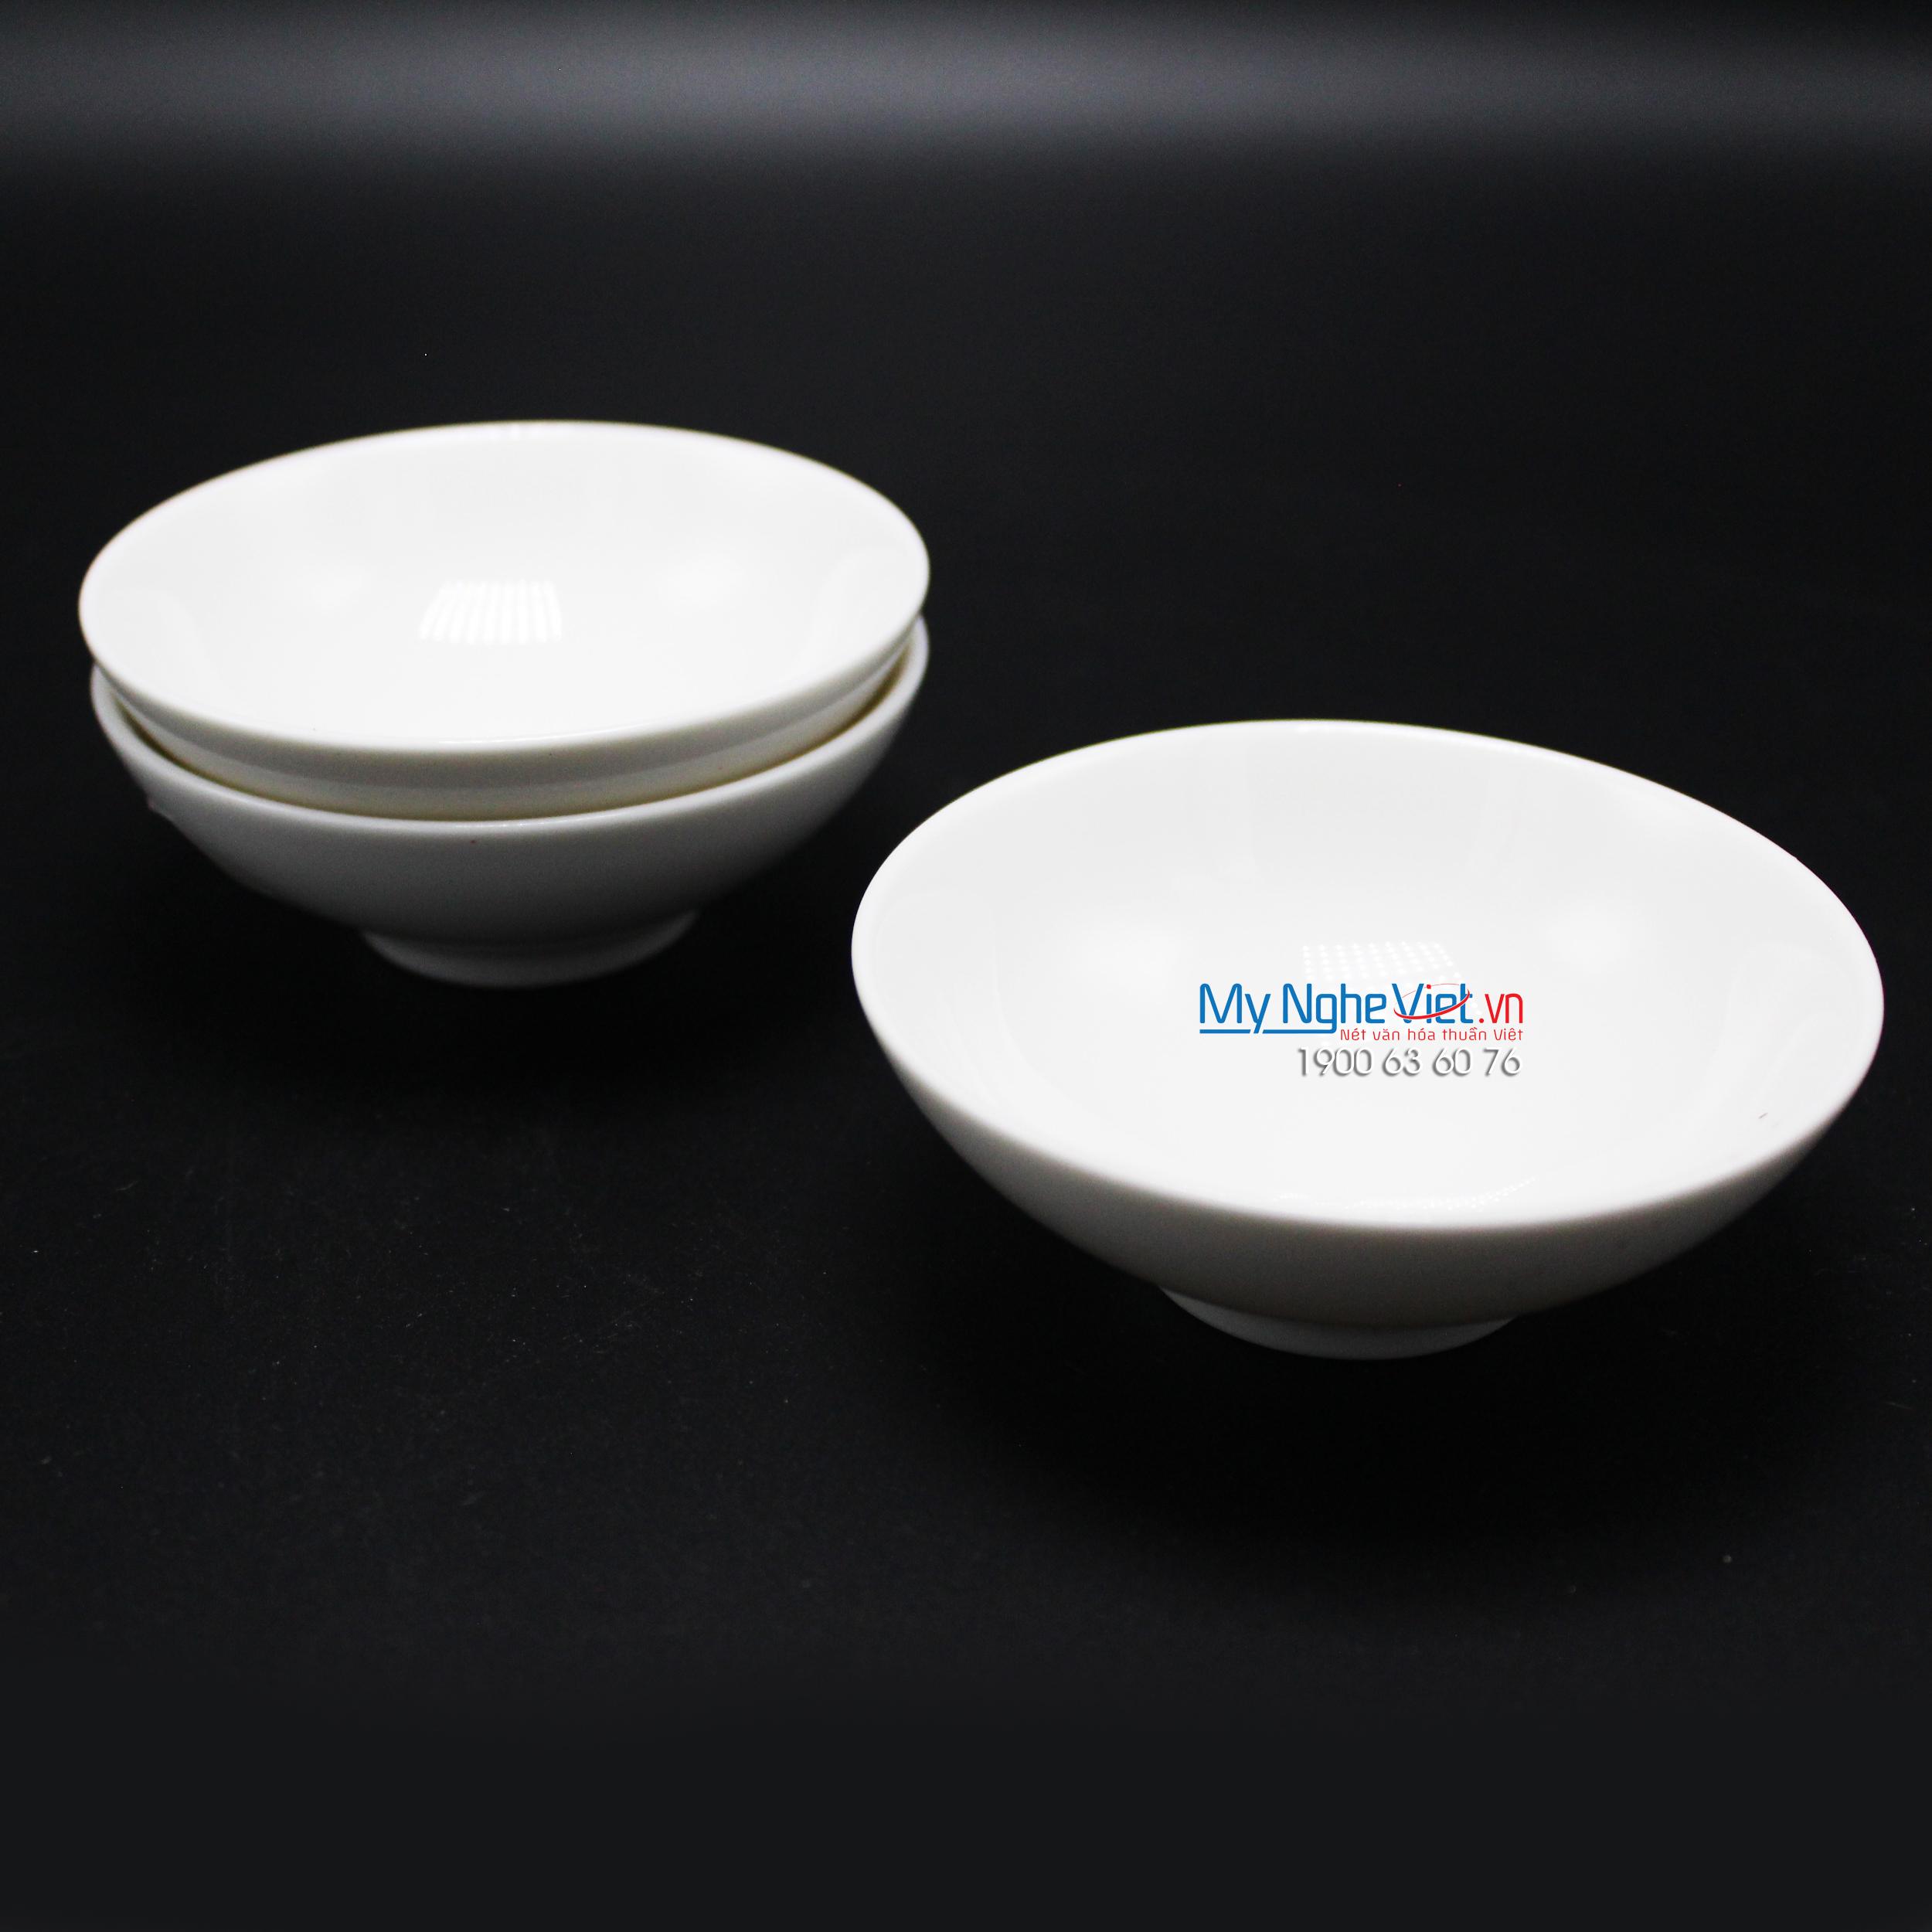 Chén chấm 7 cm trắng ngà - MNV - 640701000